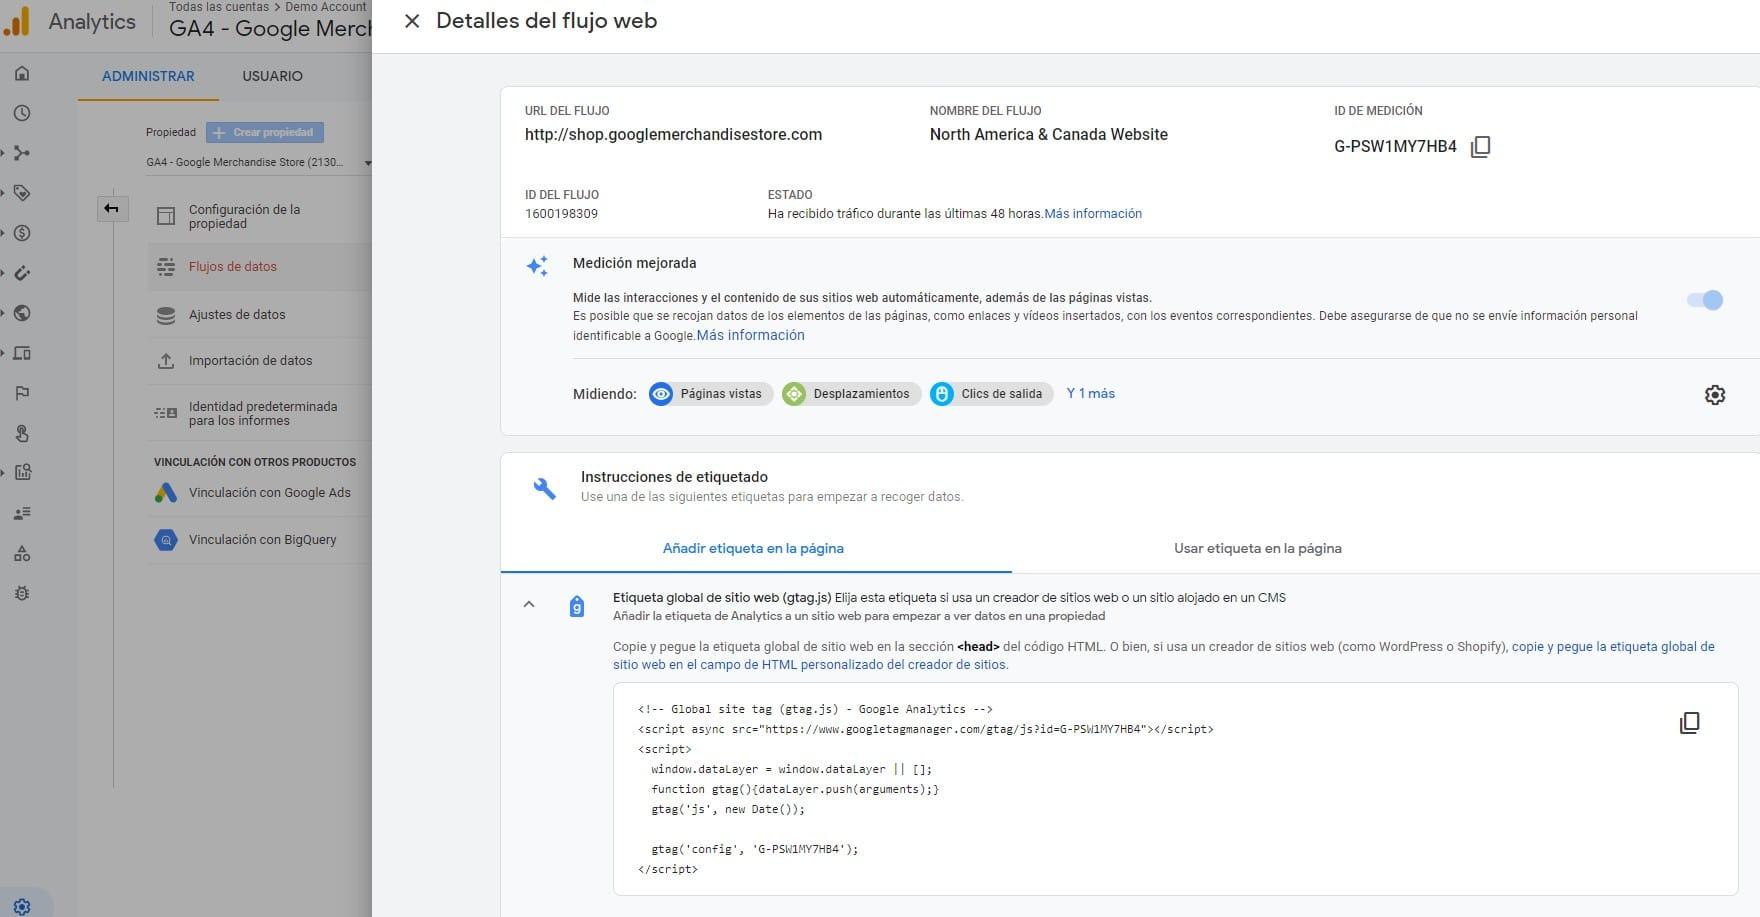 Qué es Google Analytics - Imagen con un ejemplo del código de seguimiento